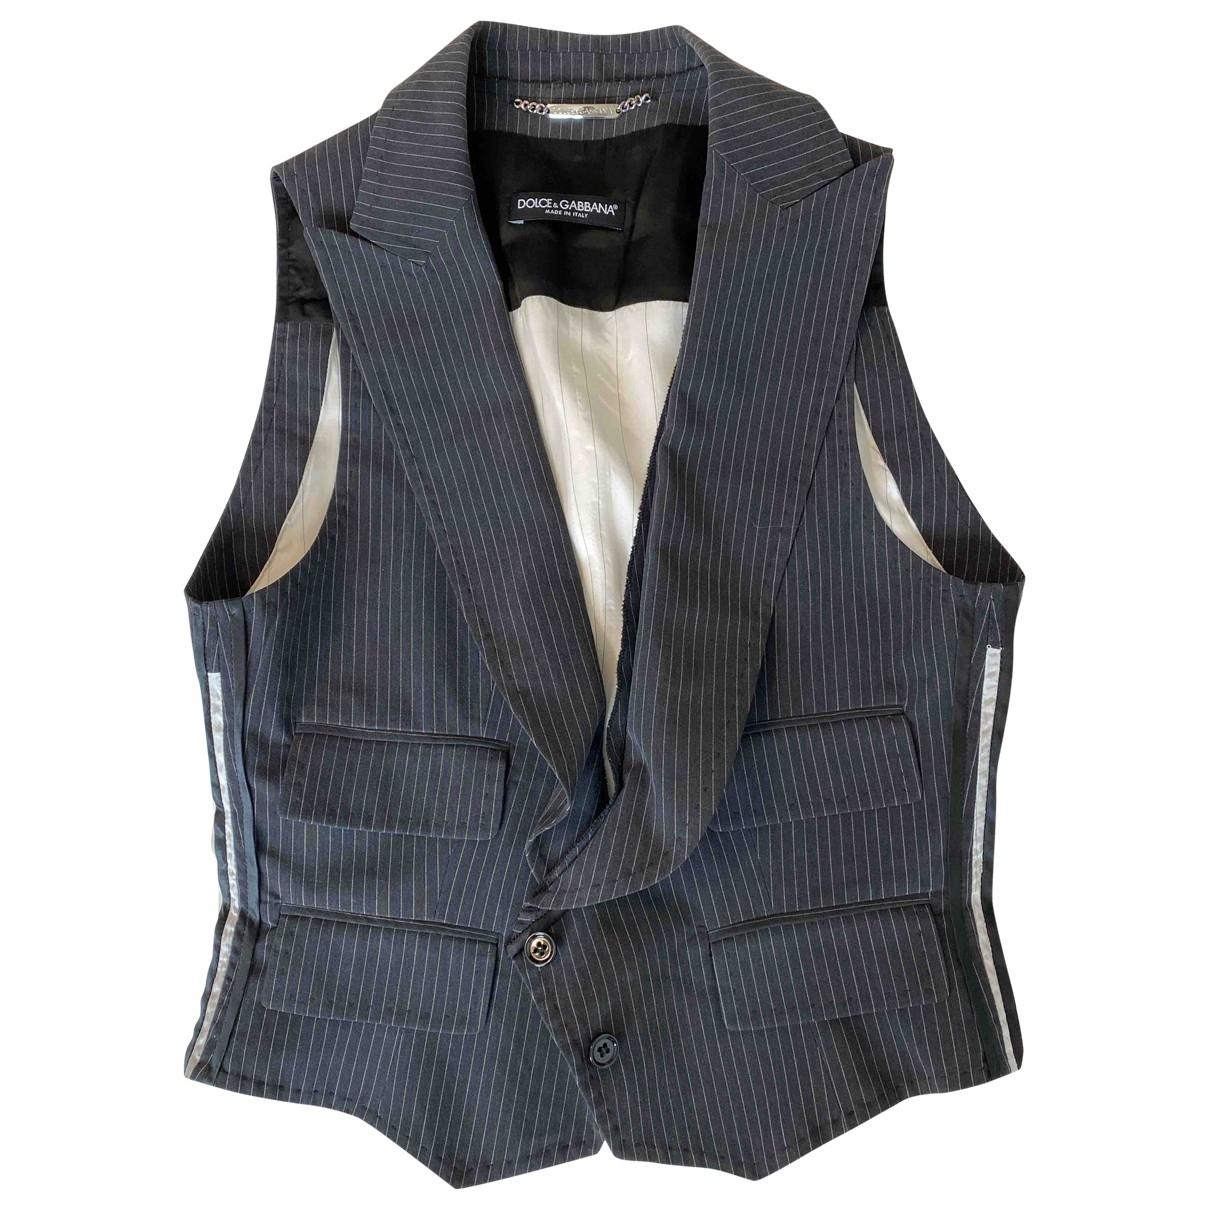 Dolce & Gabbana - Veste   pour femme en coton - anthracite